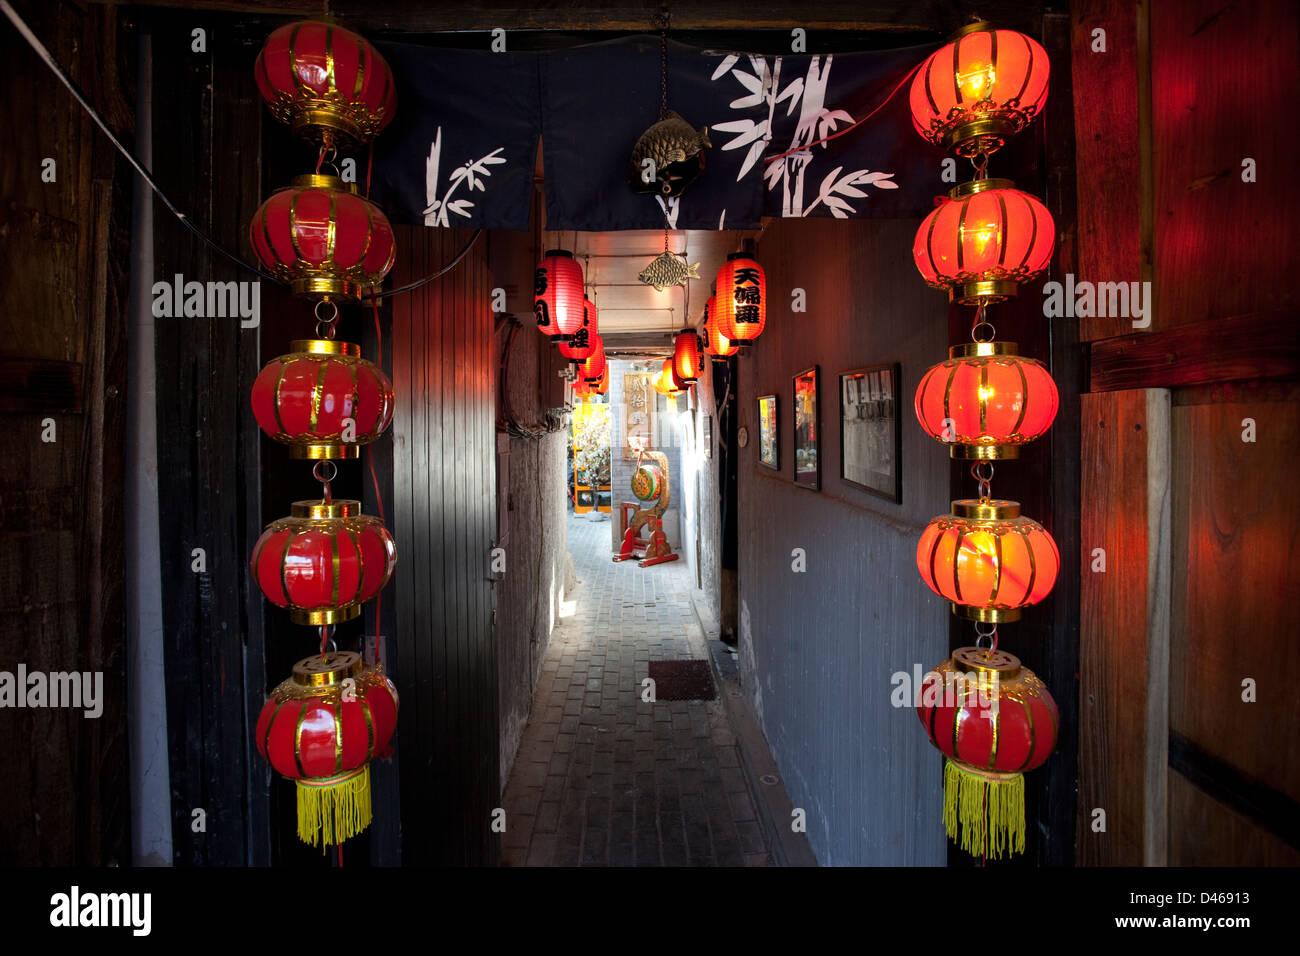 Chinese Lantern Beijing Stockfotos & Chinese Lantern Beijing Bilder ...